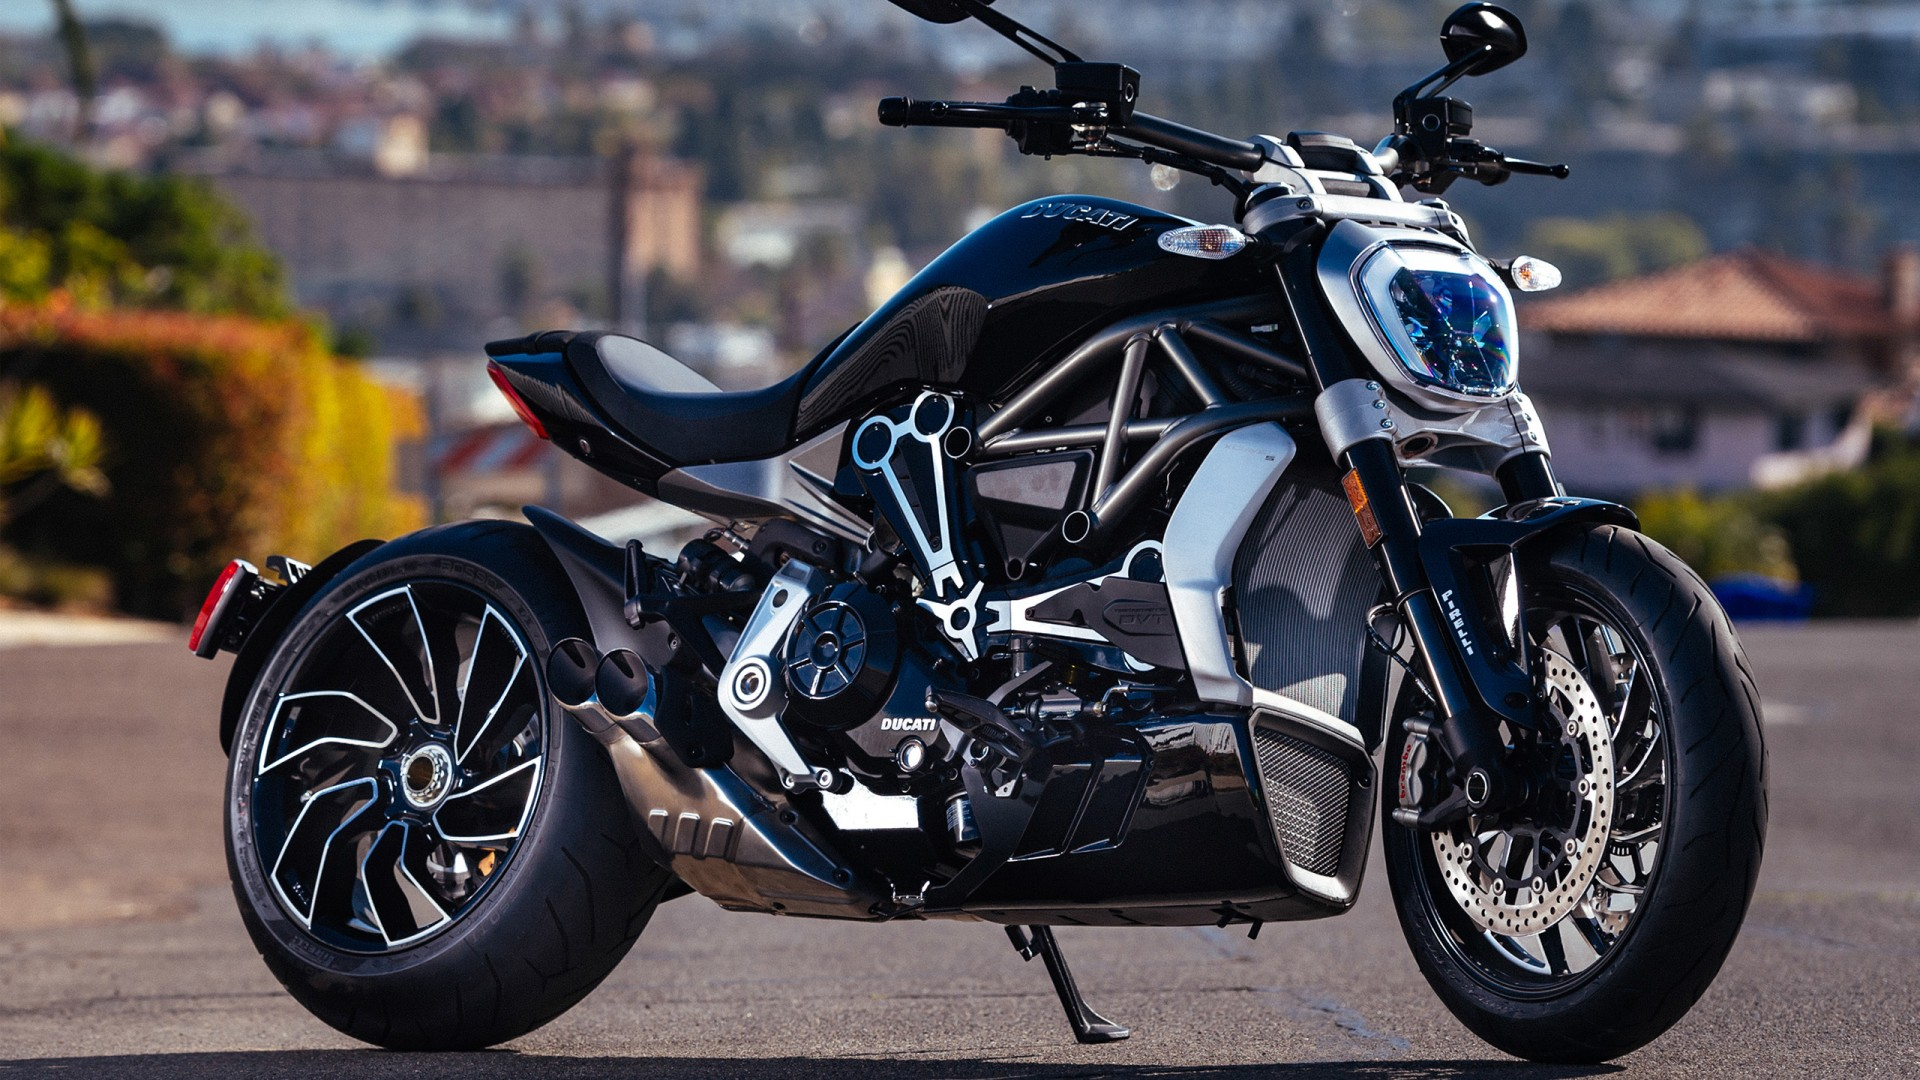 Ducati Diavel 2017 Bike 4K Wallpaper | WallpapersByte